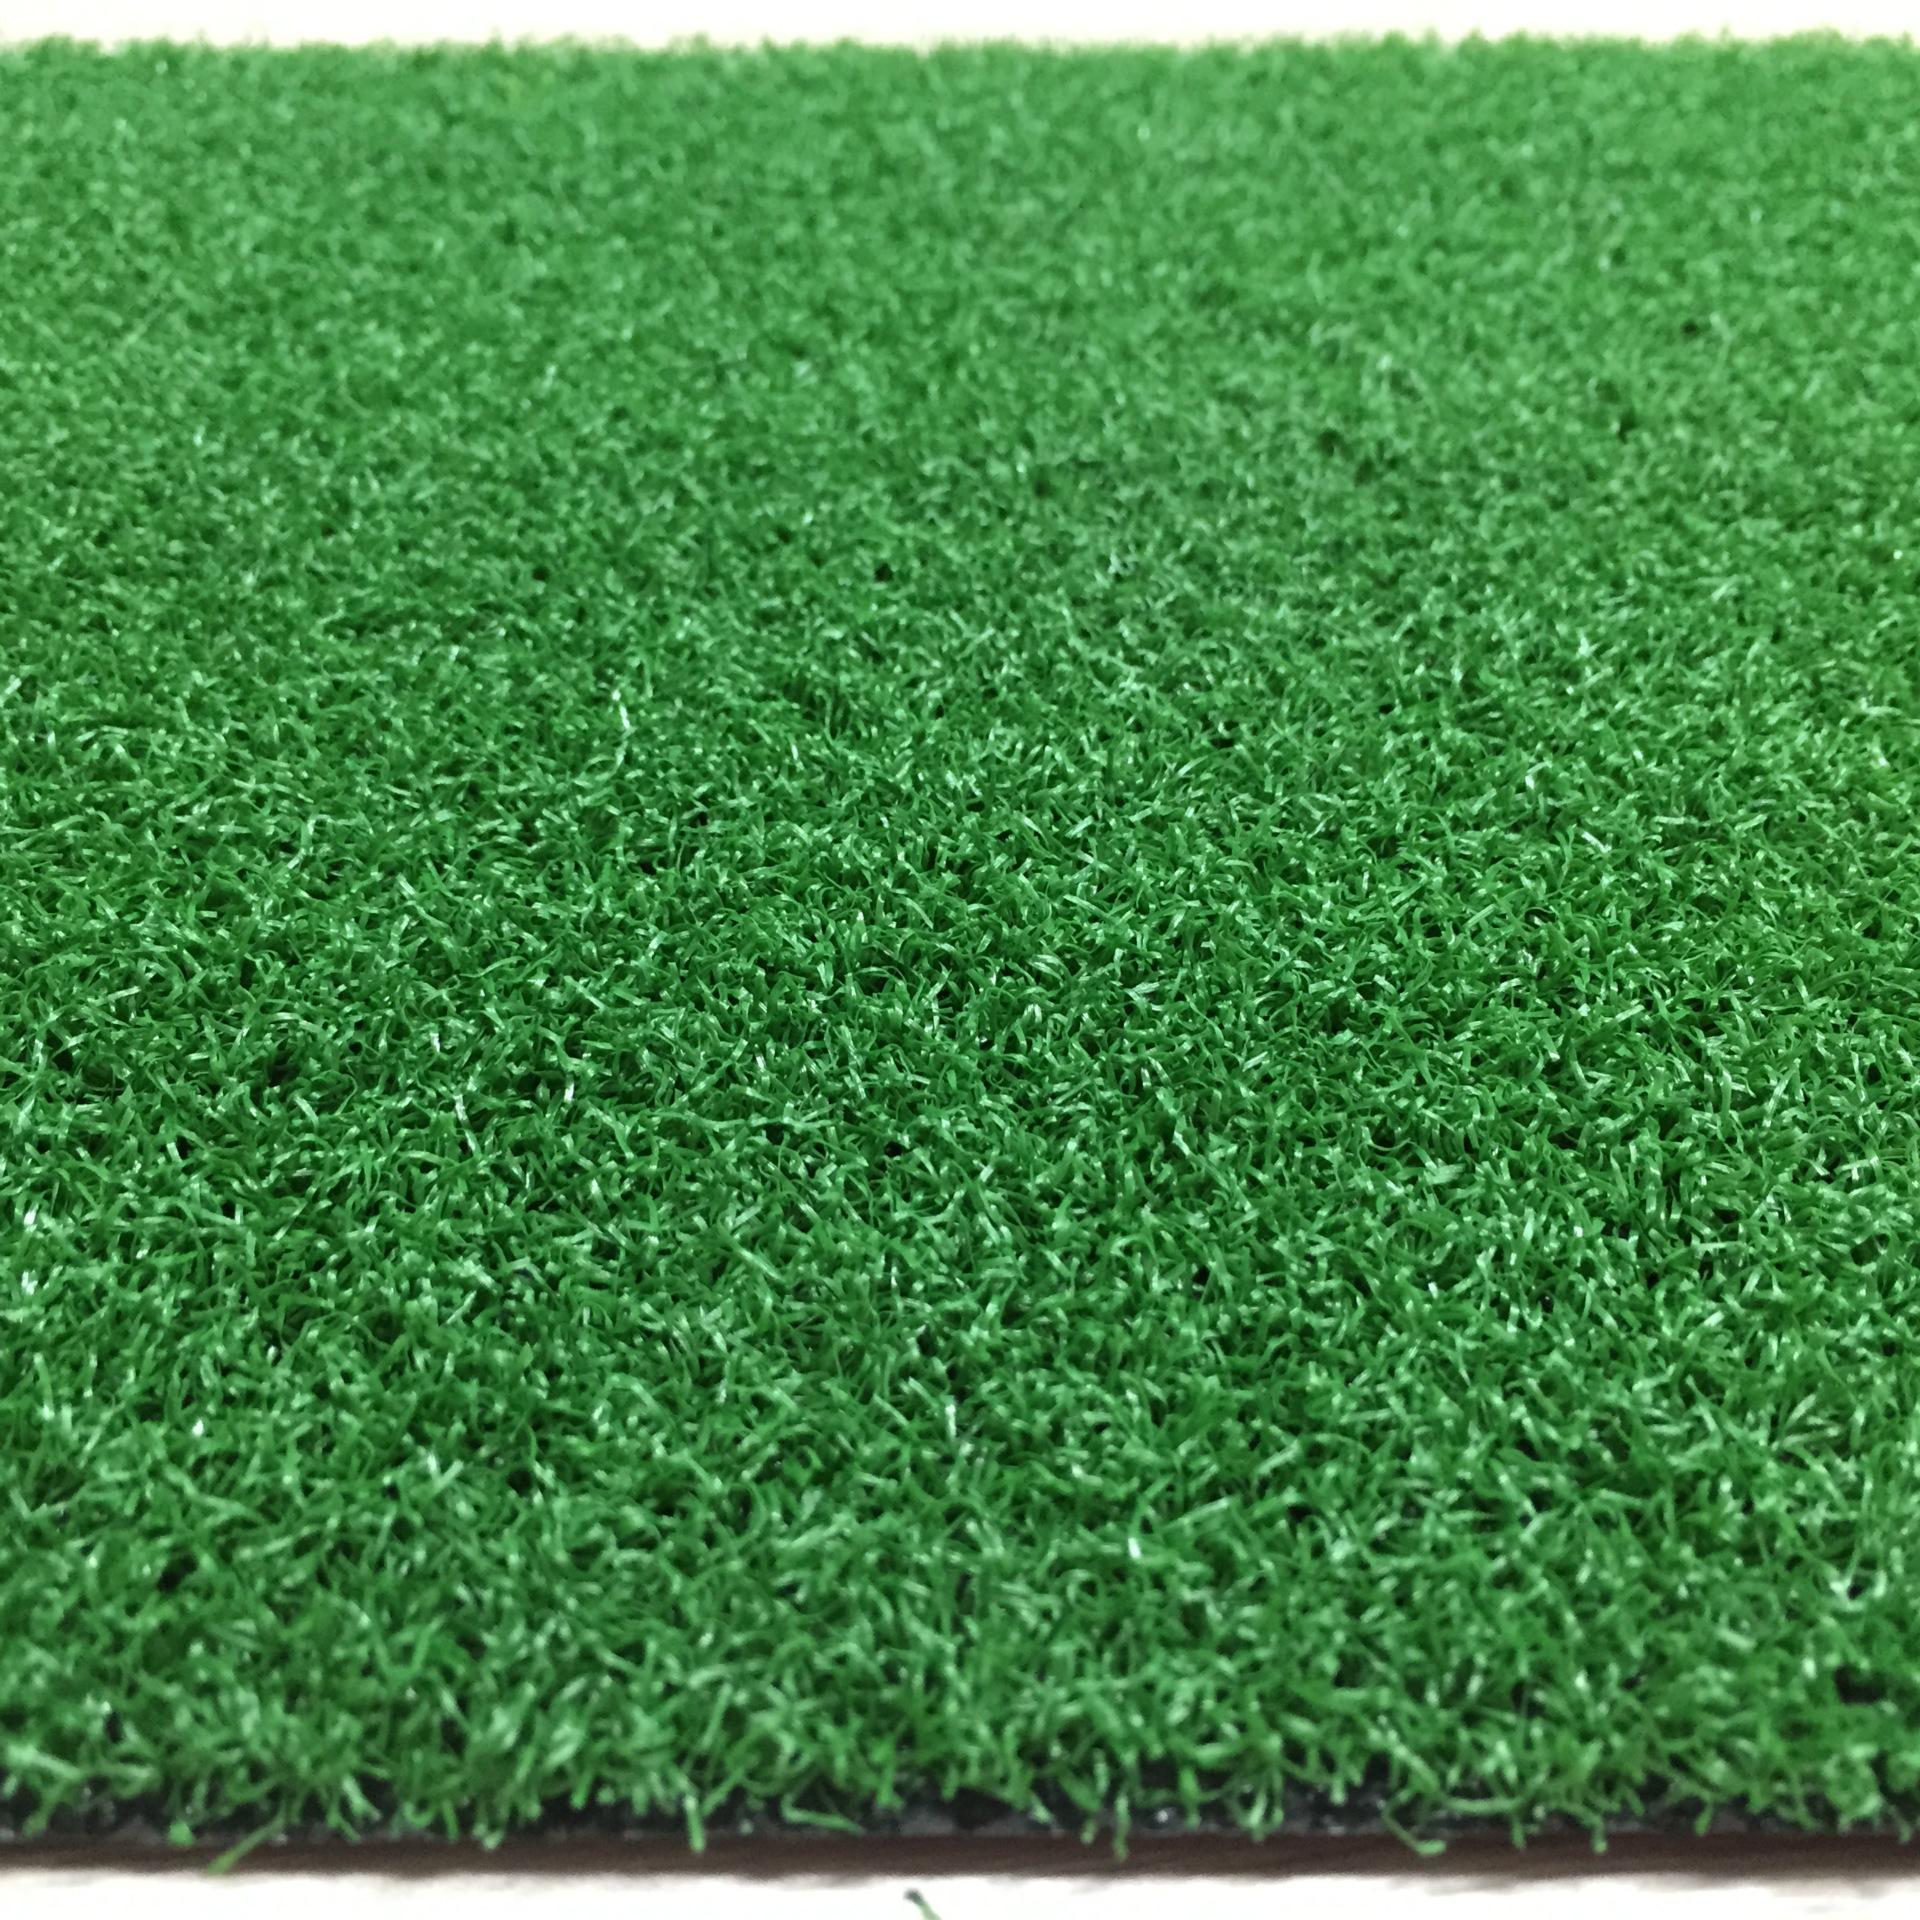 高尔夫球场使用草皮批发  高尔夫球场使用草坪批发